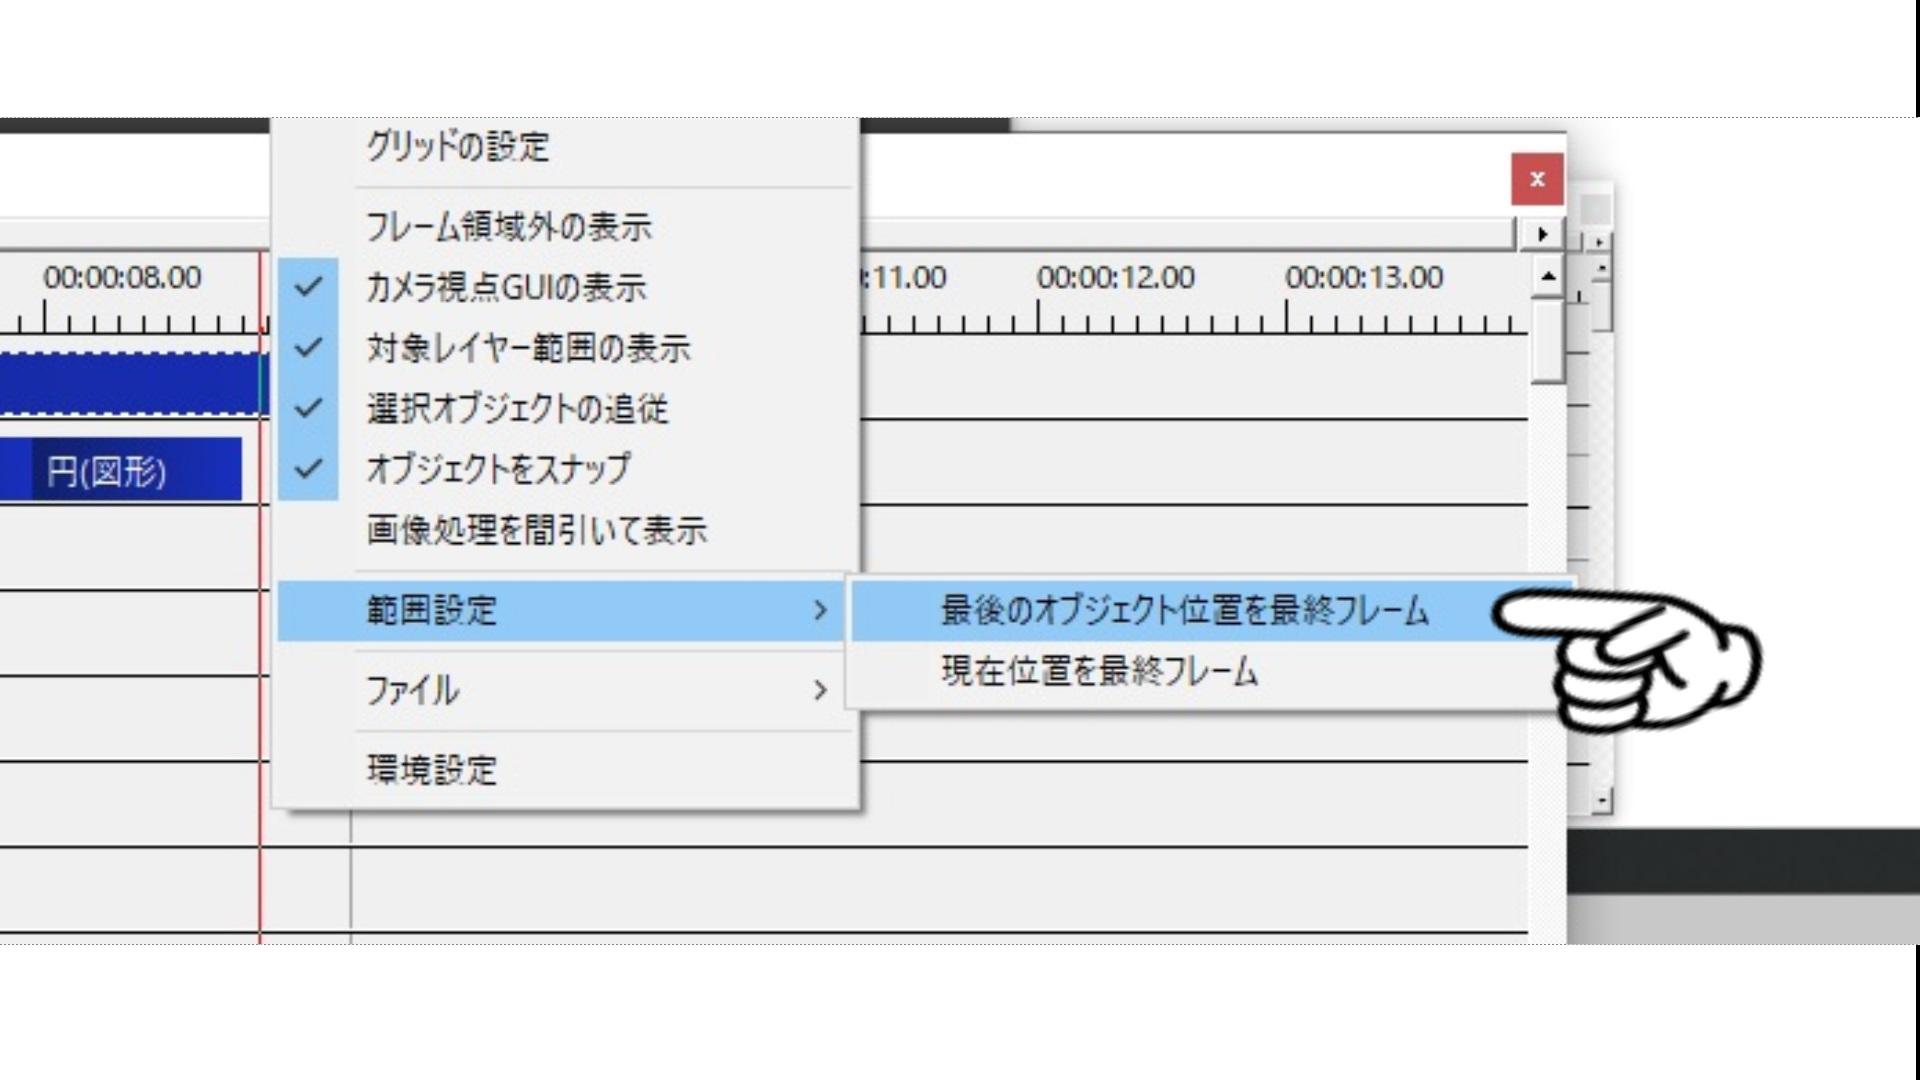 方法は冒頭説明した通り、タイムライン上で右クリックし、範囲設定の最後のオブジェクト位置を最終フレームを選択すれば解決です。